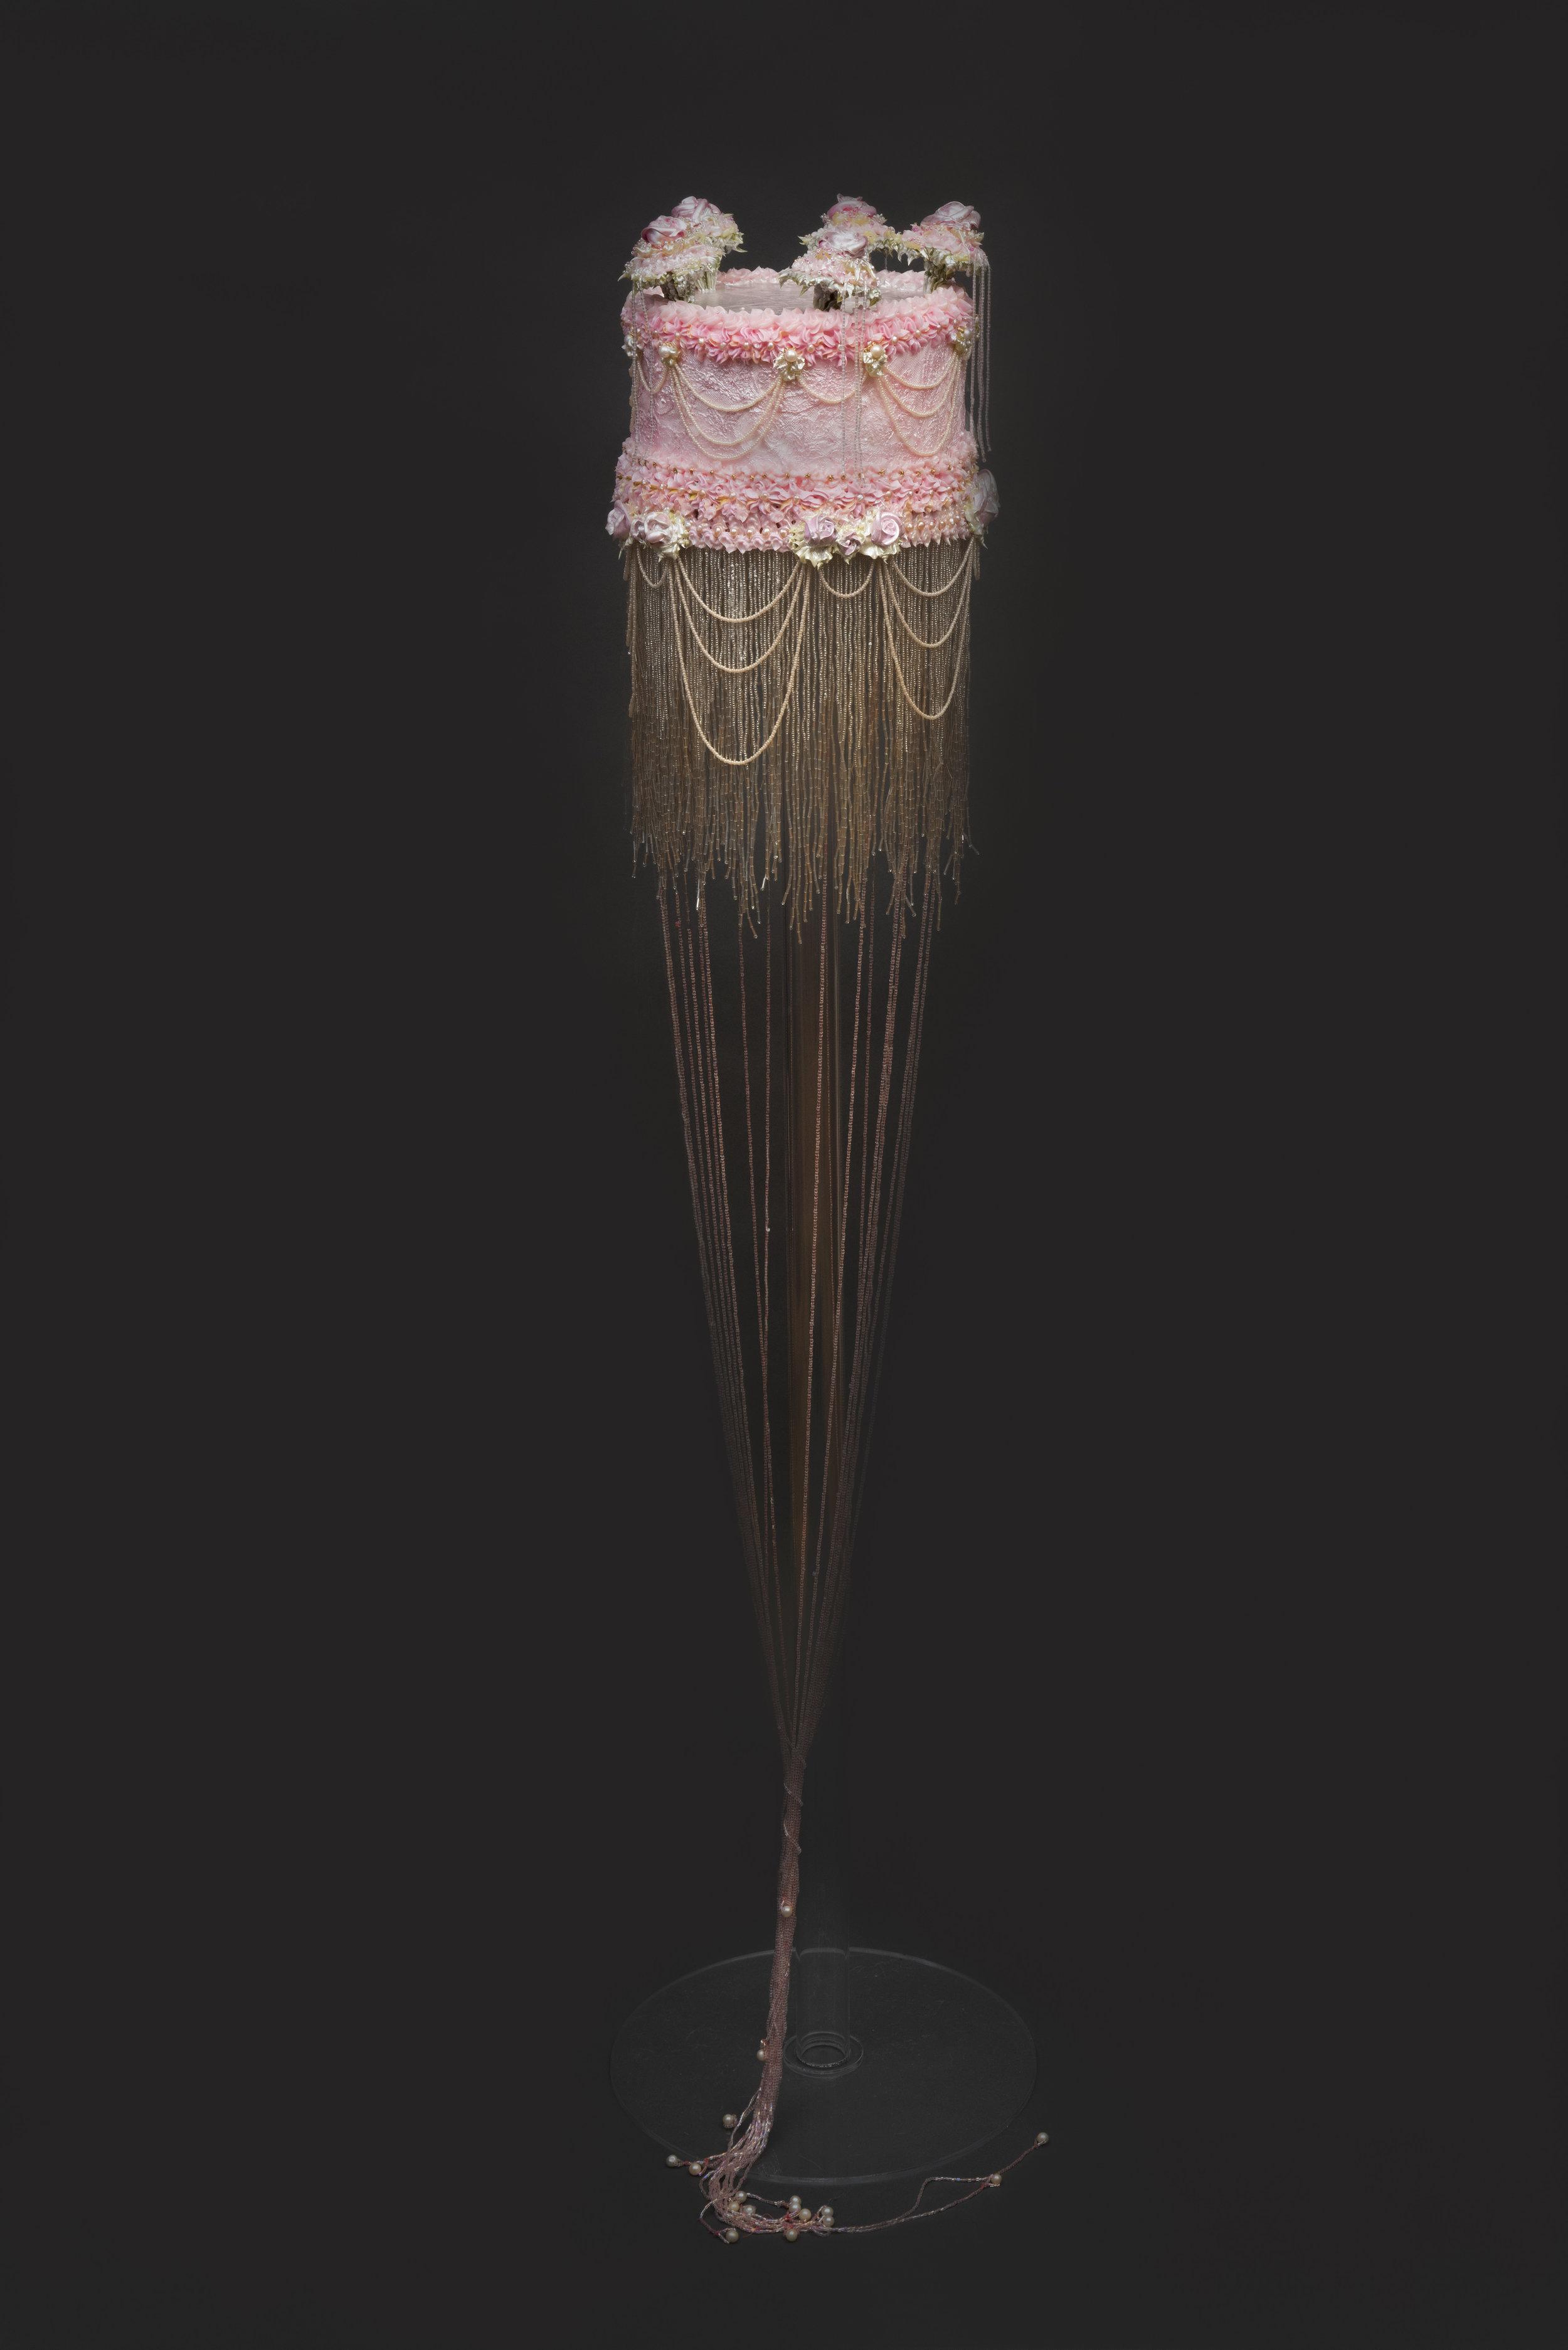 Ilana Tova , 2018, acrylic, pearls and mixed media, 75 x 9 inches